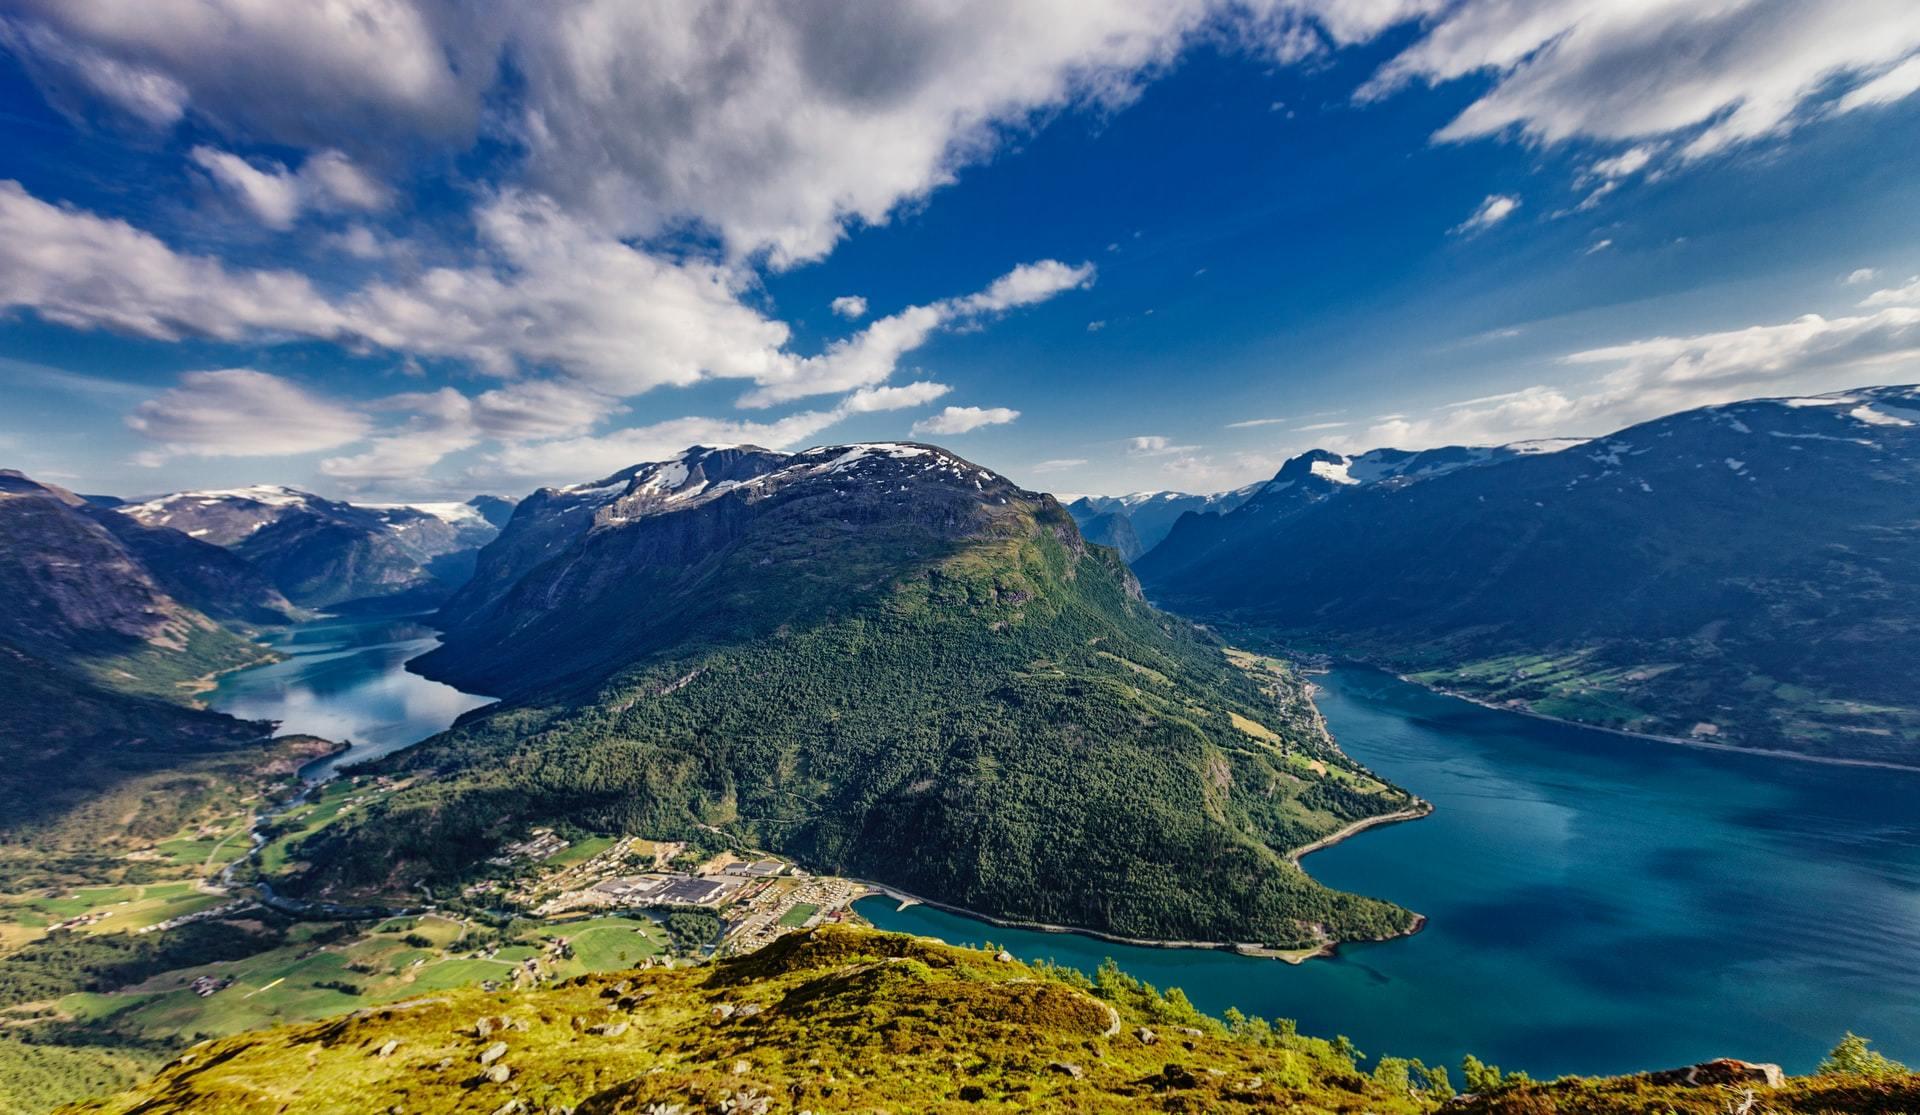 Norway - Loen